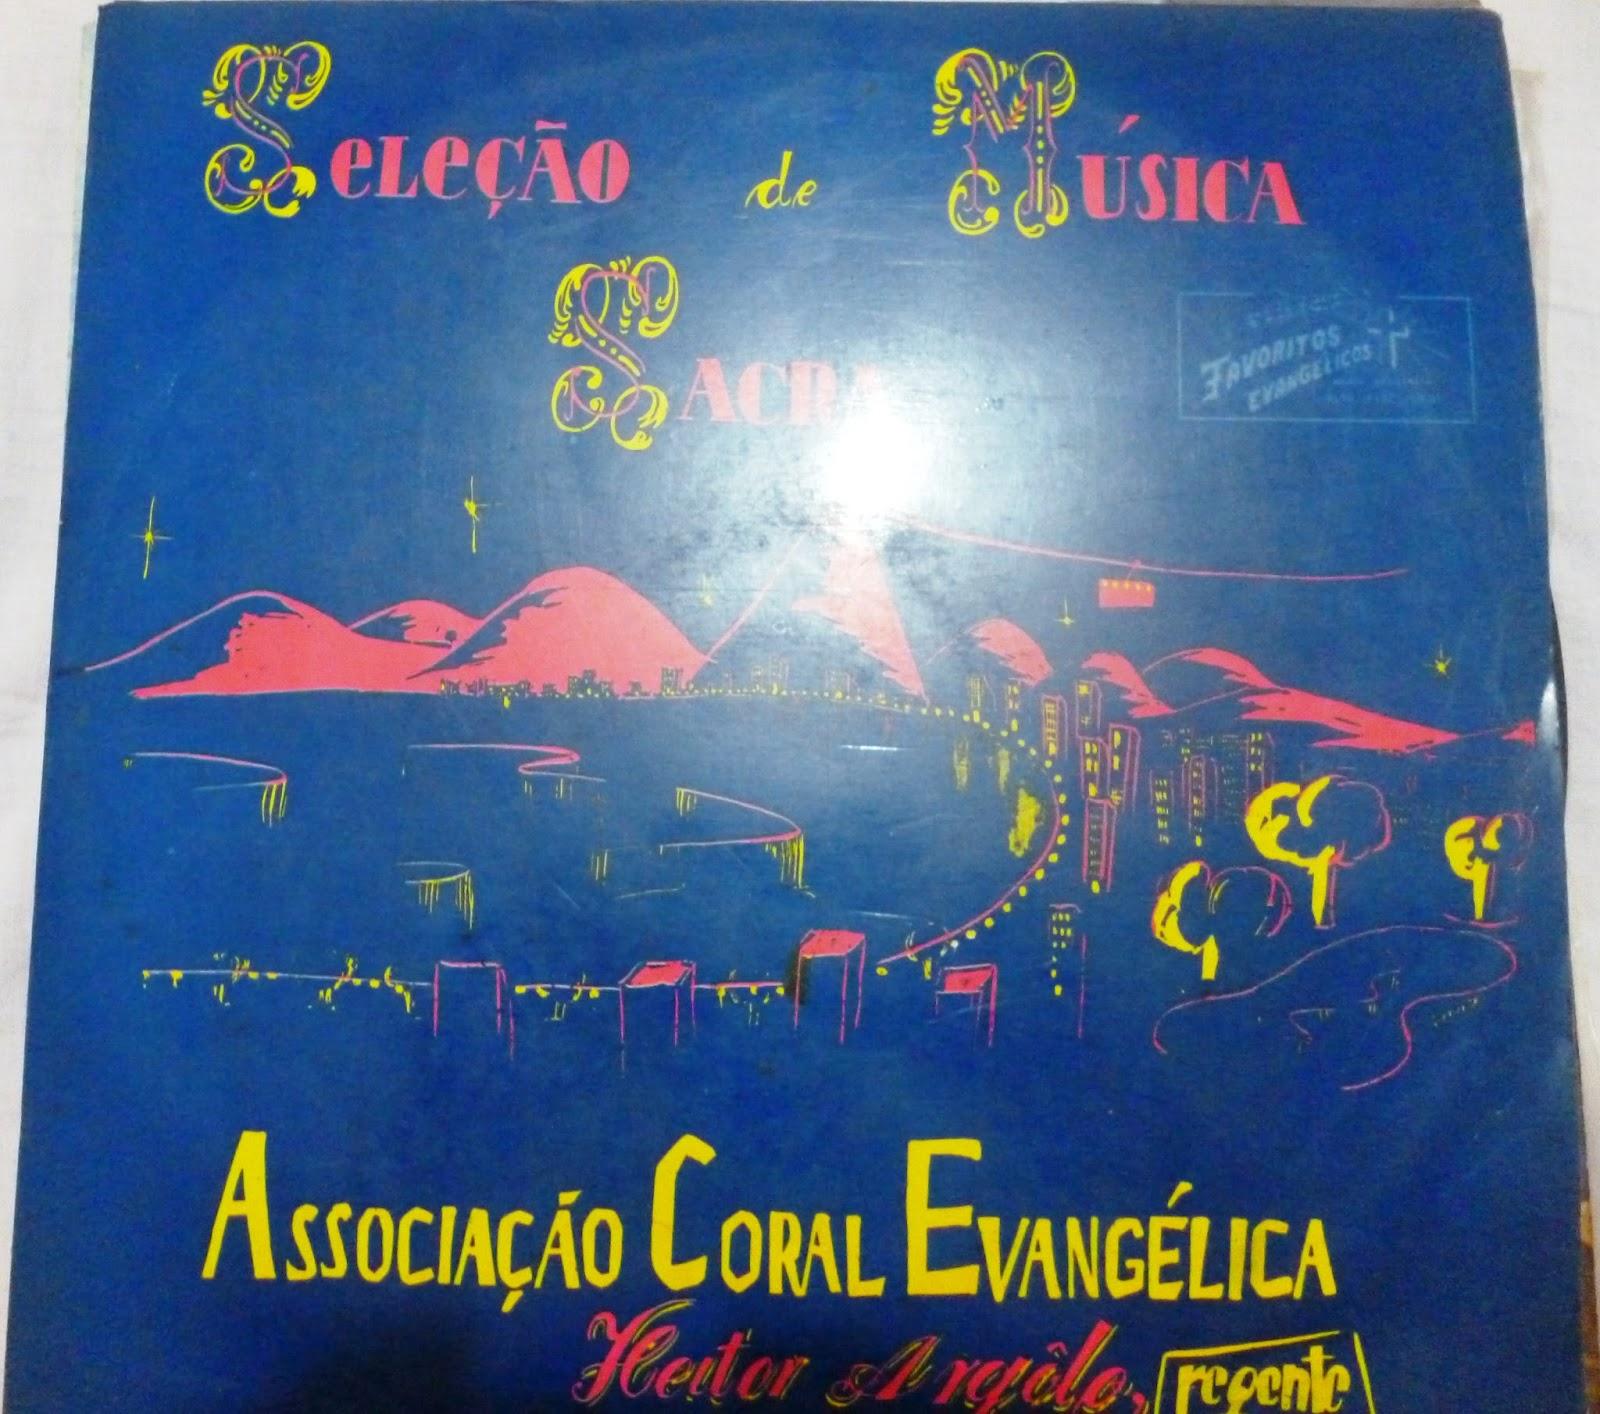 Associa��o Coral Evang�lica - Regente Heitor Argolo - Sele��o de M�sica Sacra 1 1990